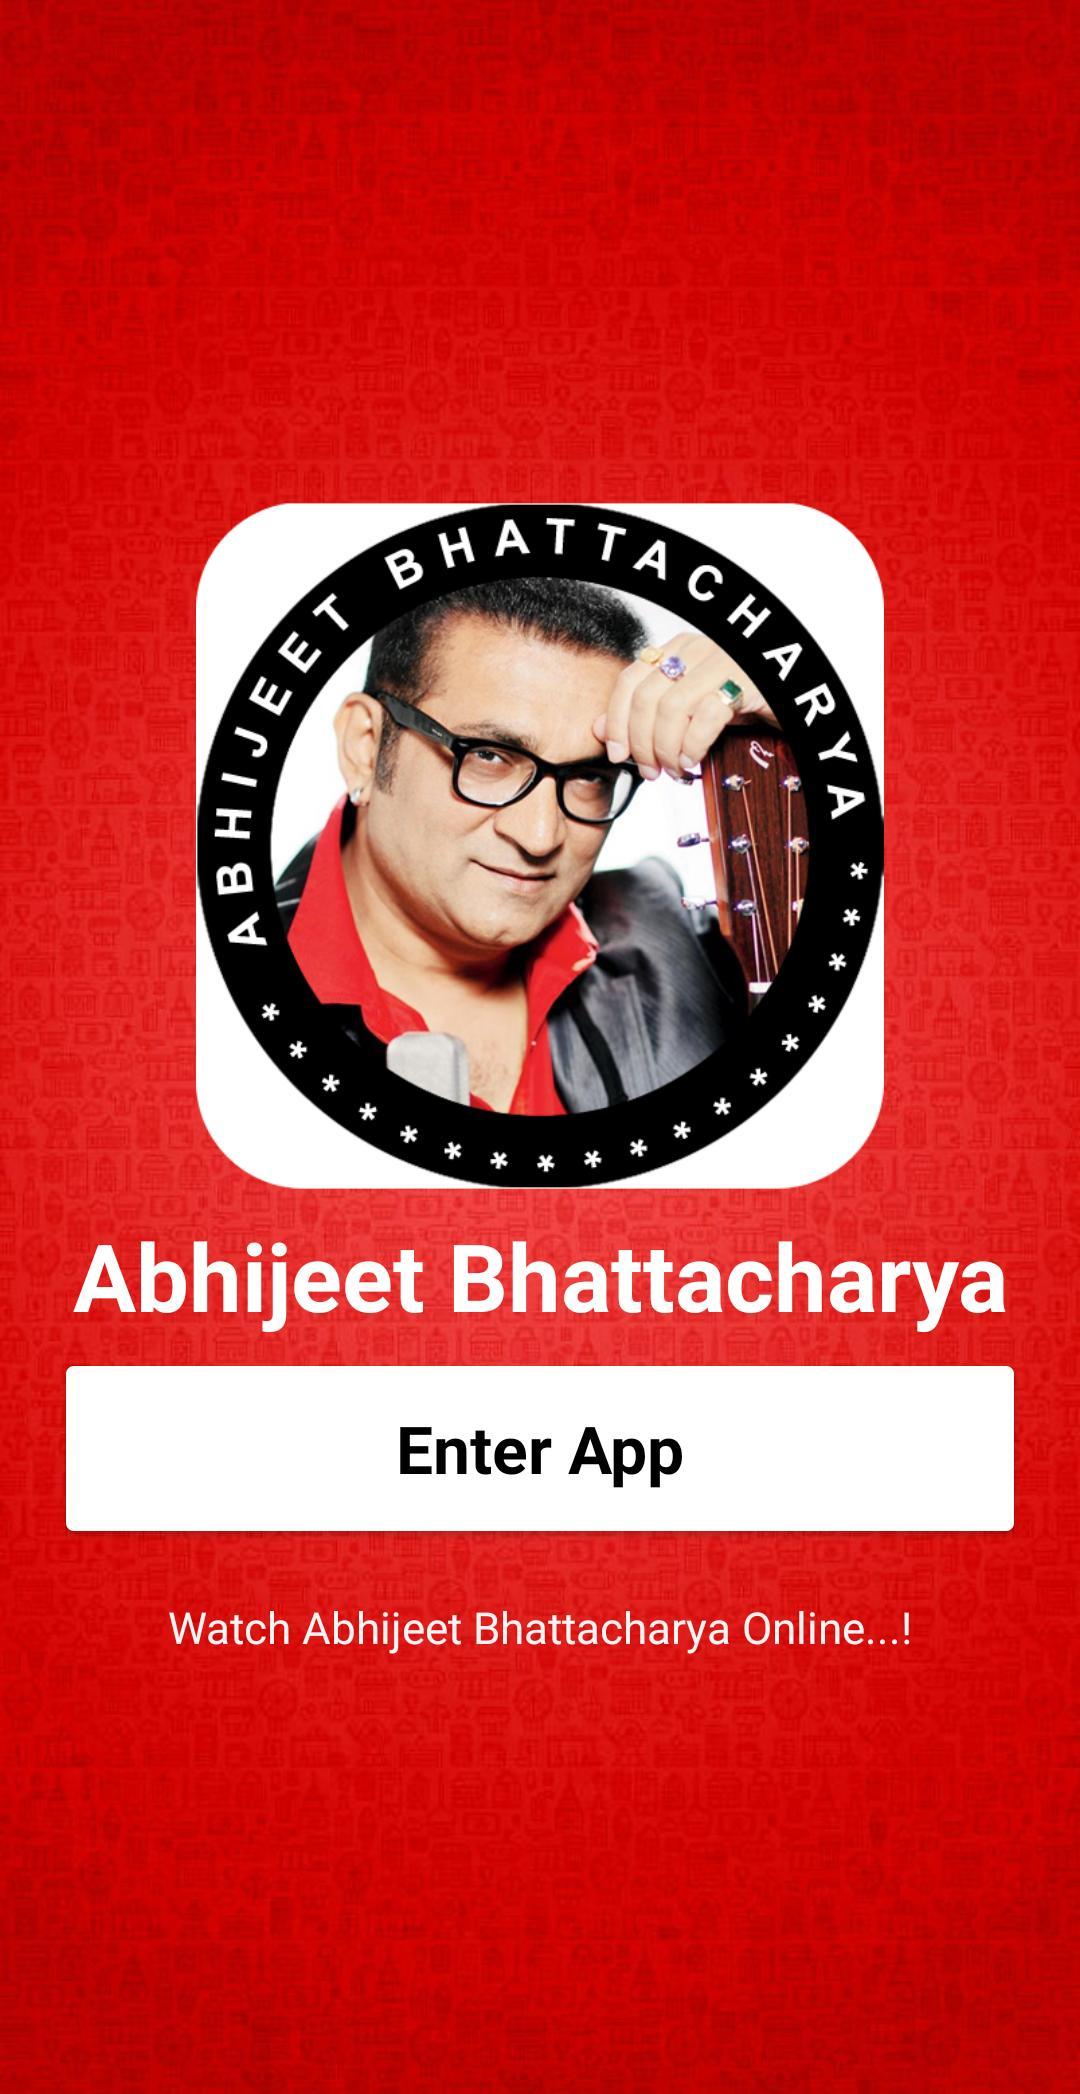 abhijeet bhattacharya bengali songs of kishore kumar free download